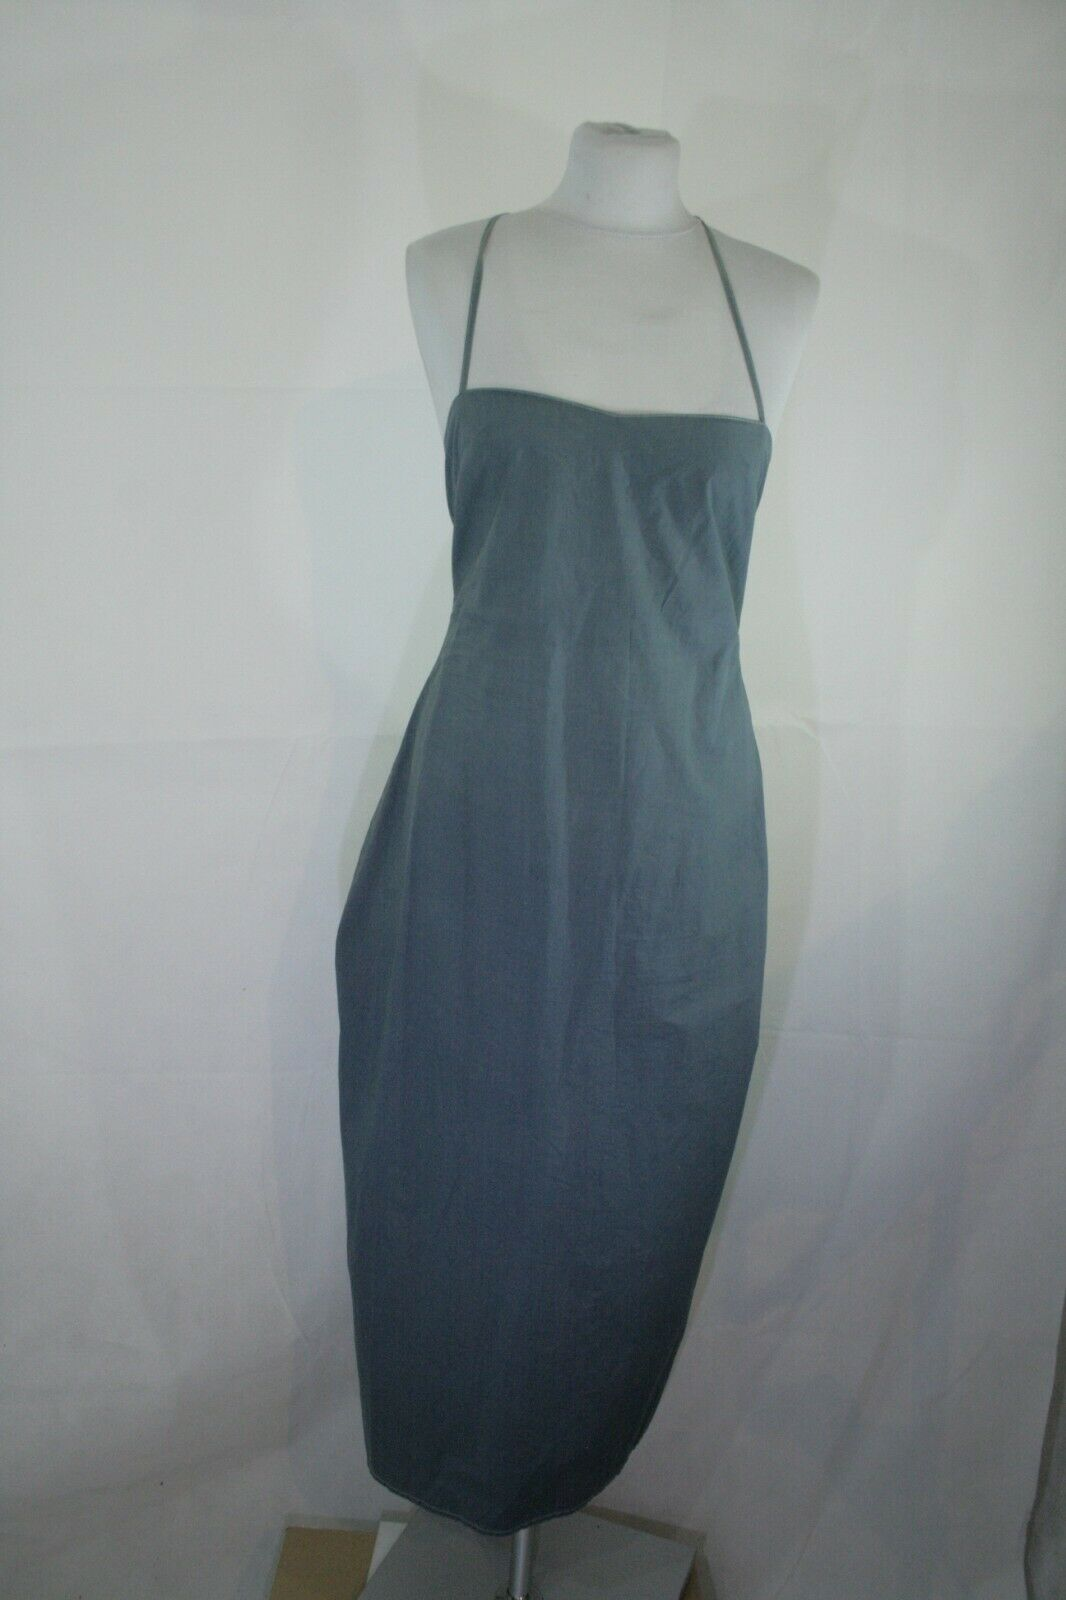 Tolles Dries van Noten Kleid in Jenasfarbe, Gr. 40 326 09 Bitte messen